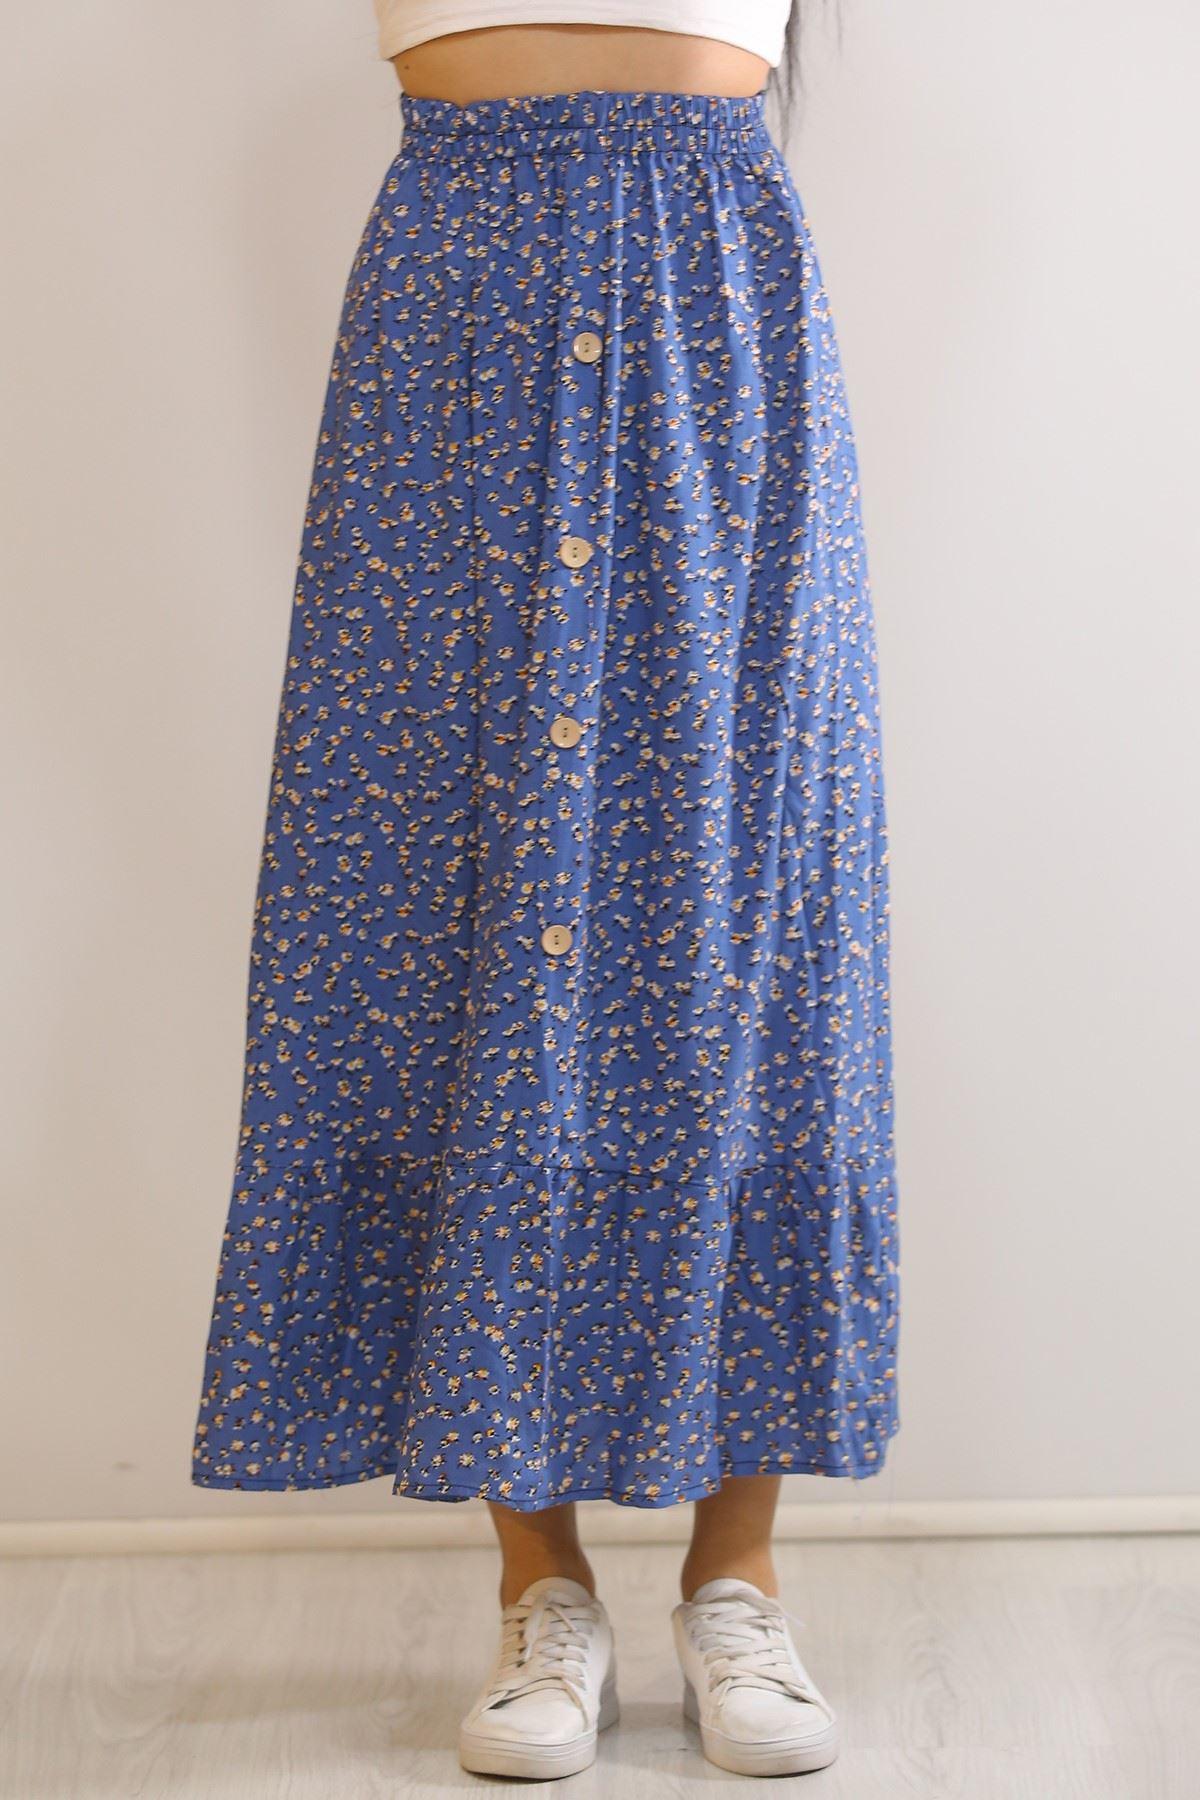 Düğmeli Uzun Etek Mavi - 5944.701.